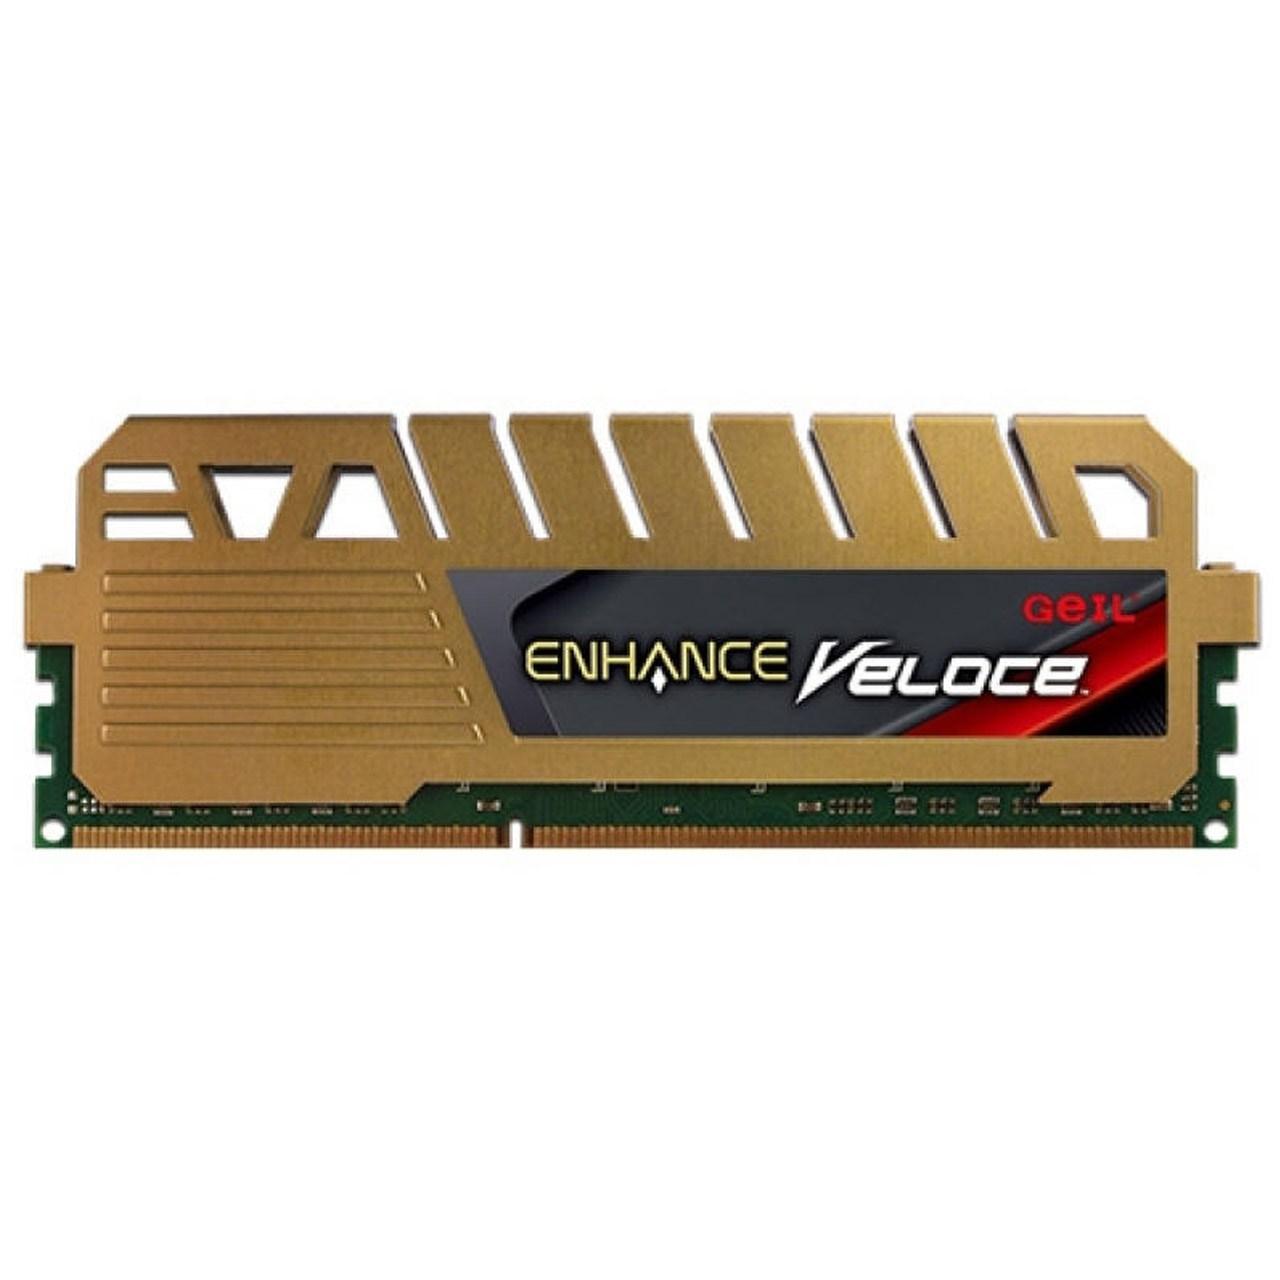 رم دسکتاپ DDR3 تک کاناله 1600 مگاهرتز CL9 گیل مدل Enhance Veloce ظرفیت 4 گیگابایت